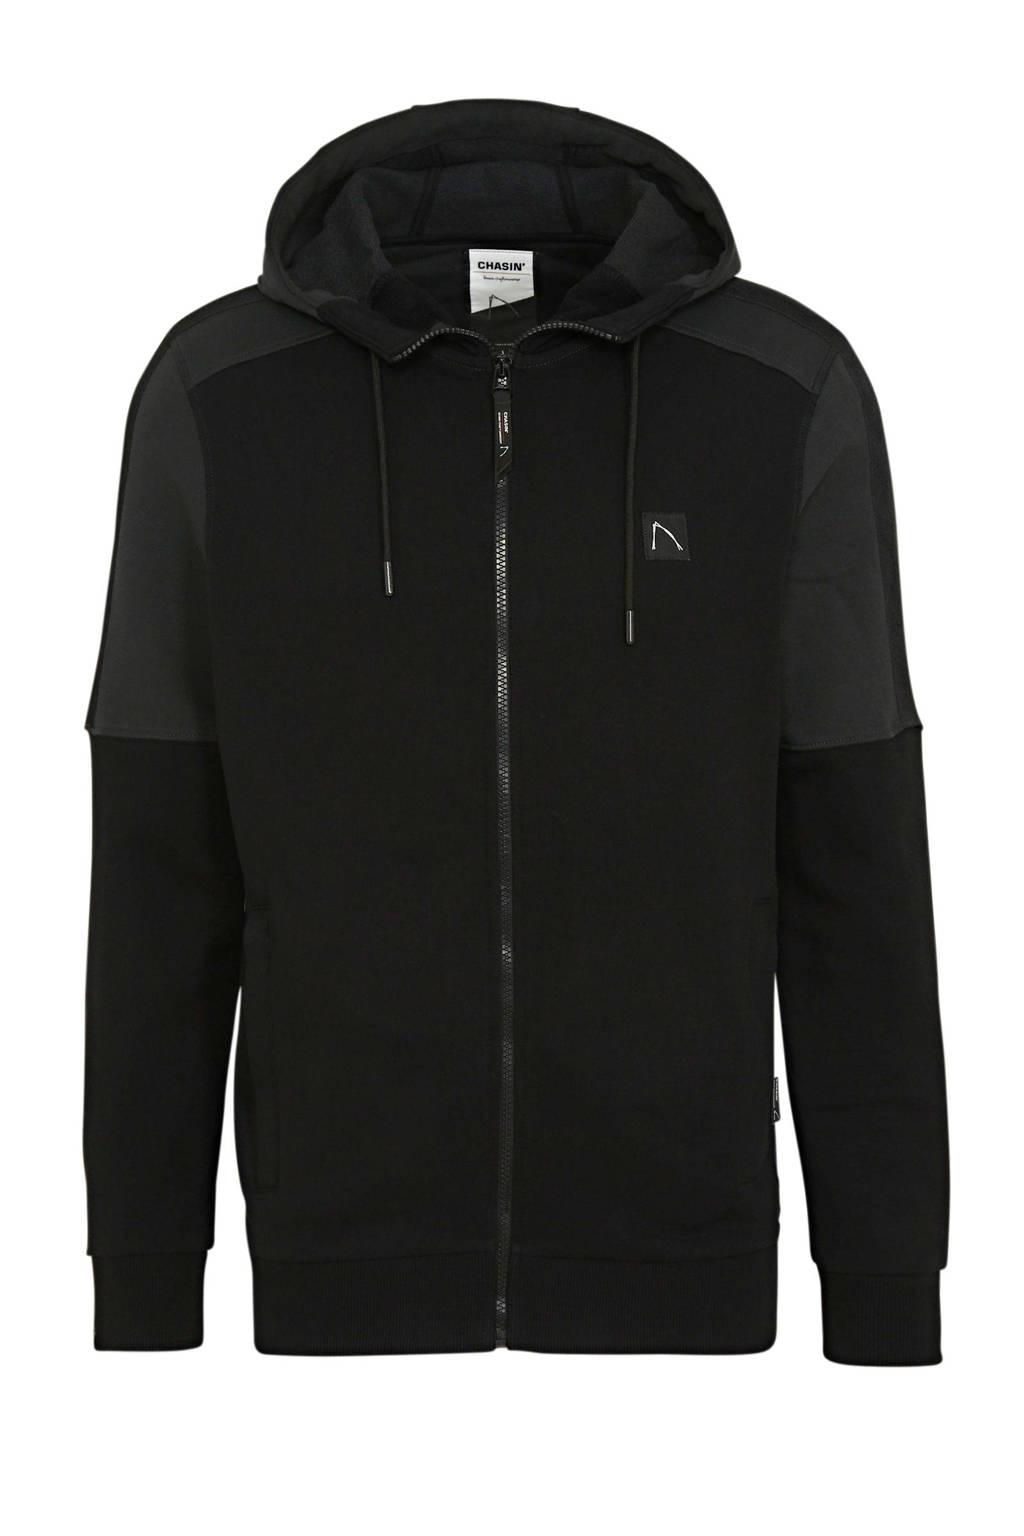 Chasin' vest zwart, Zwart